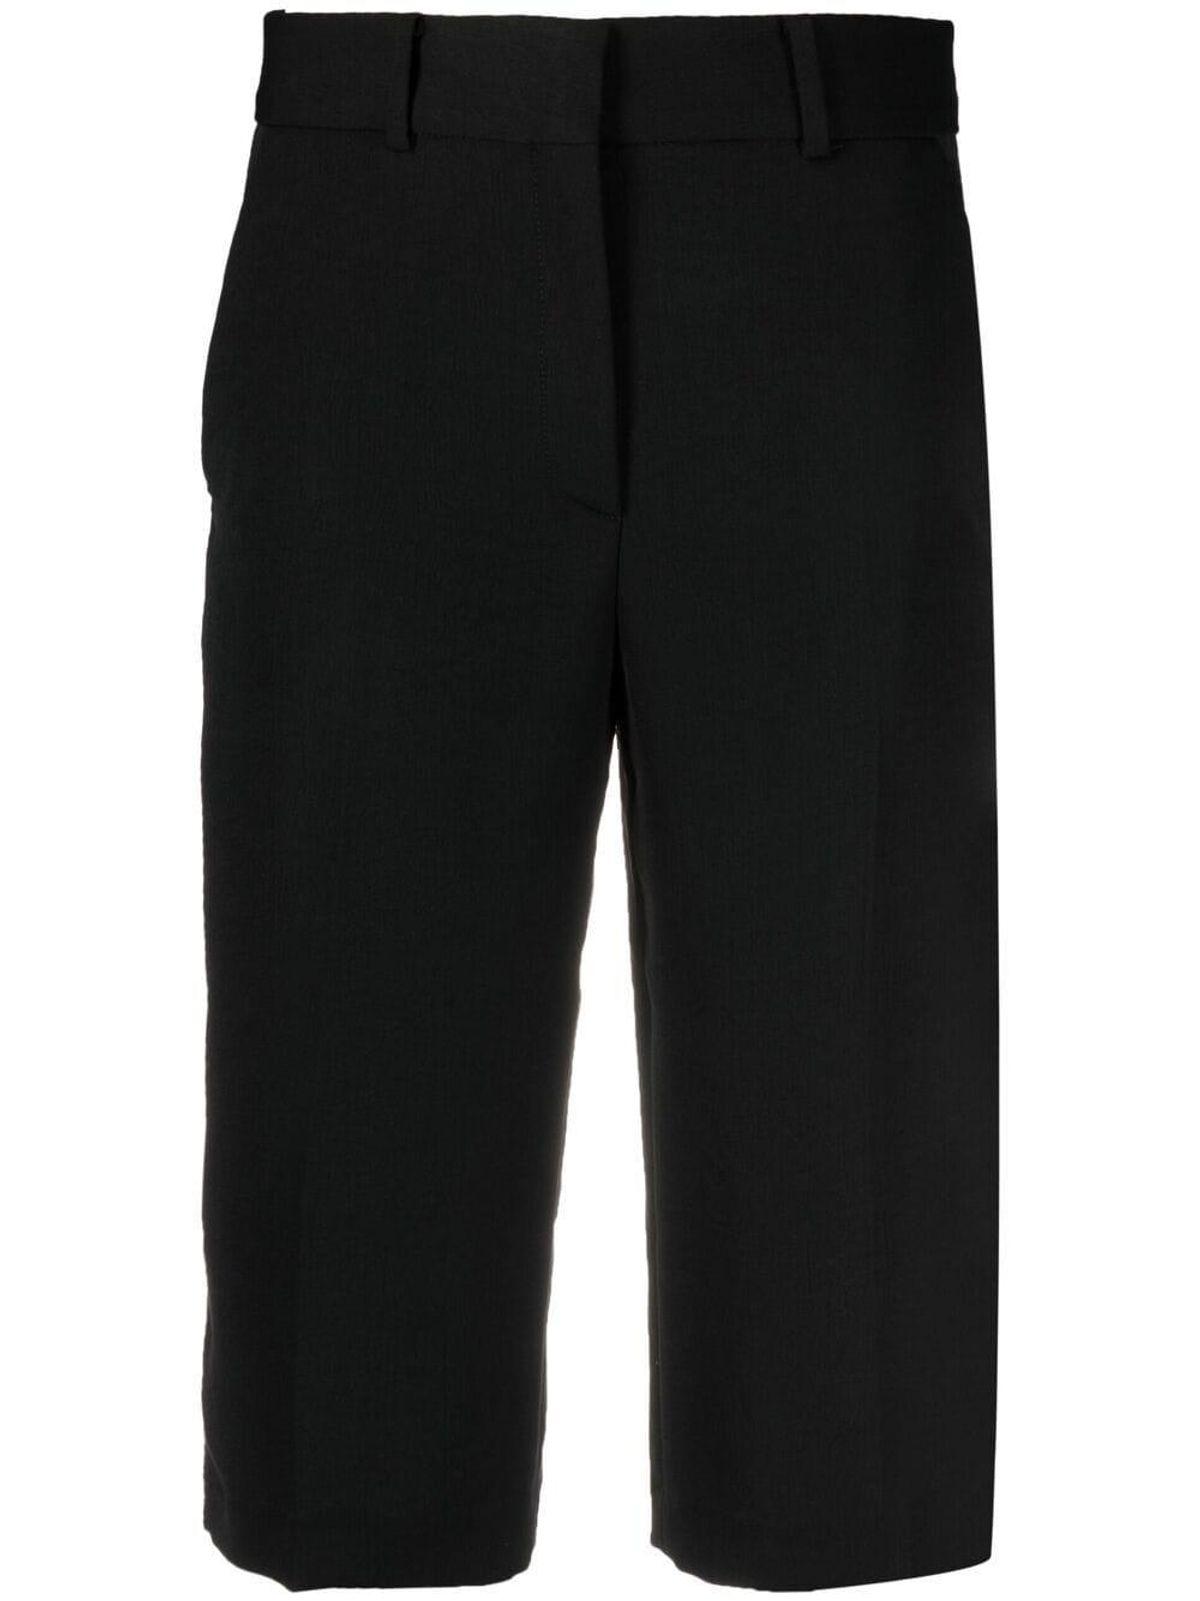 Taha Knee-length Tailored Shorts